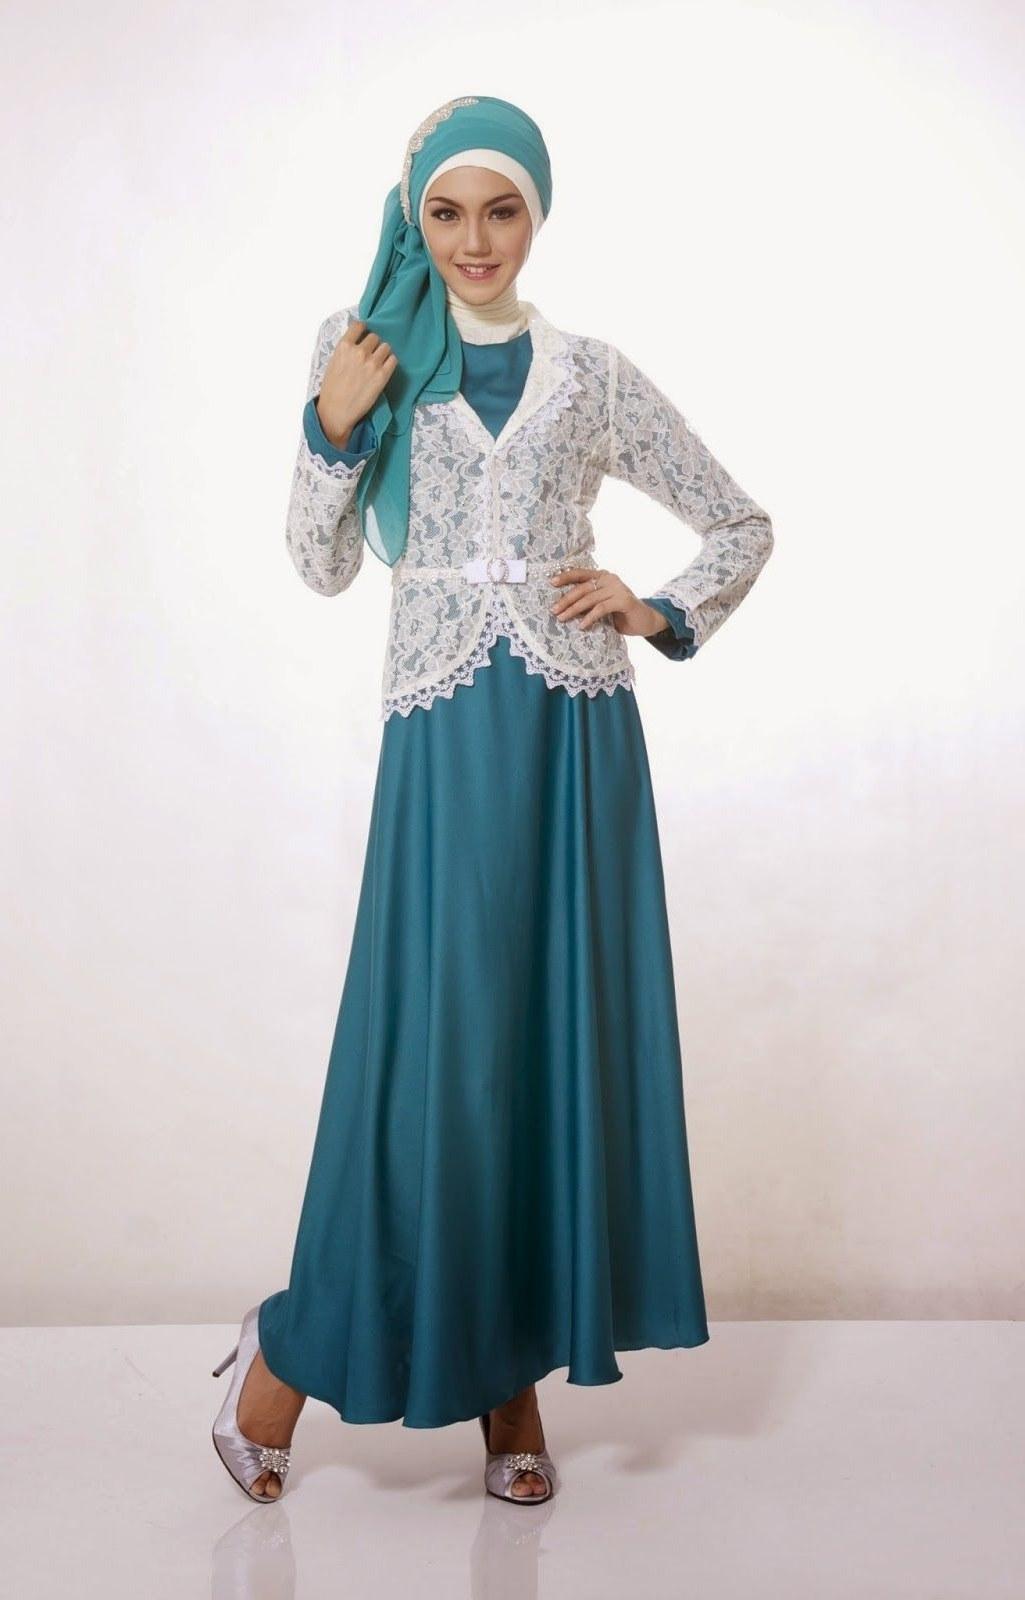 Model Model Baju Lebaran Syahrini Qwdq Contoh Busana Batik Muslimah Casual Hijab Hijabtutorial